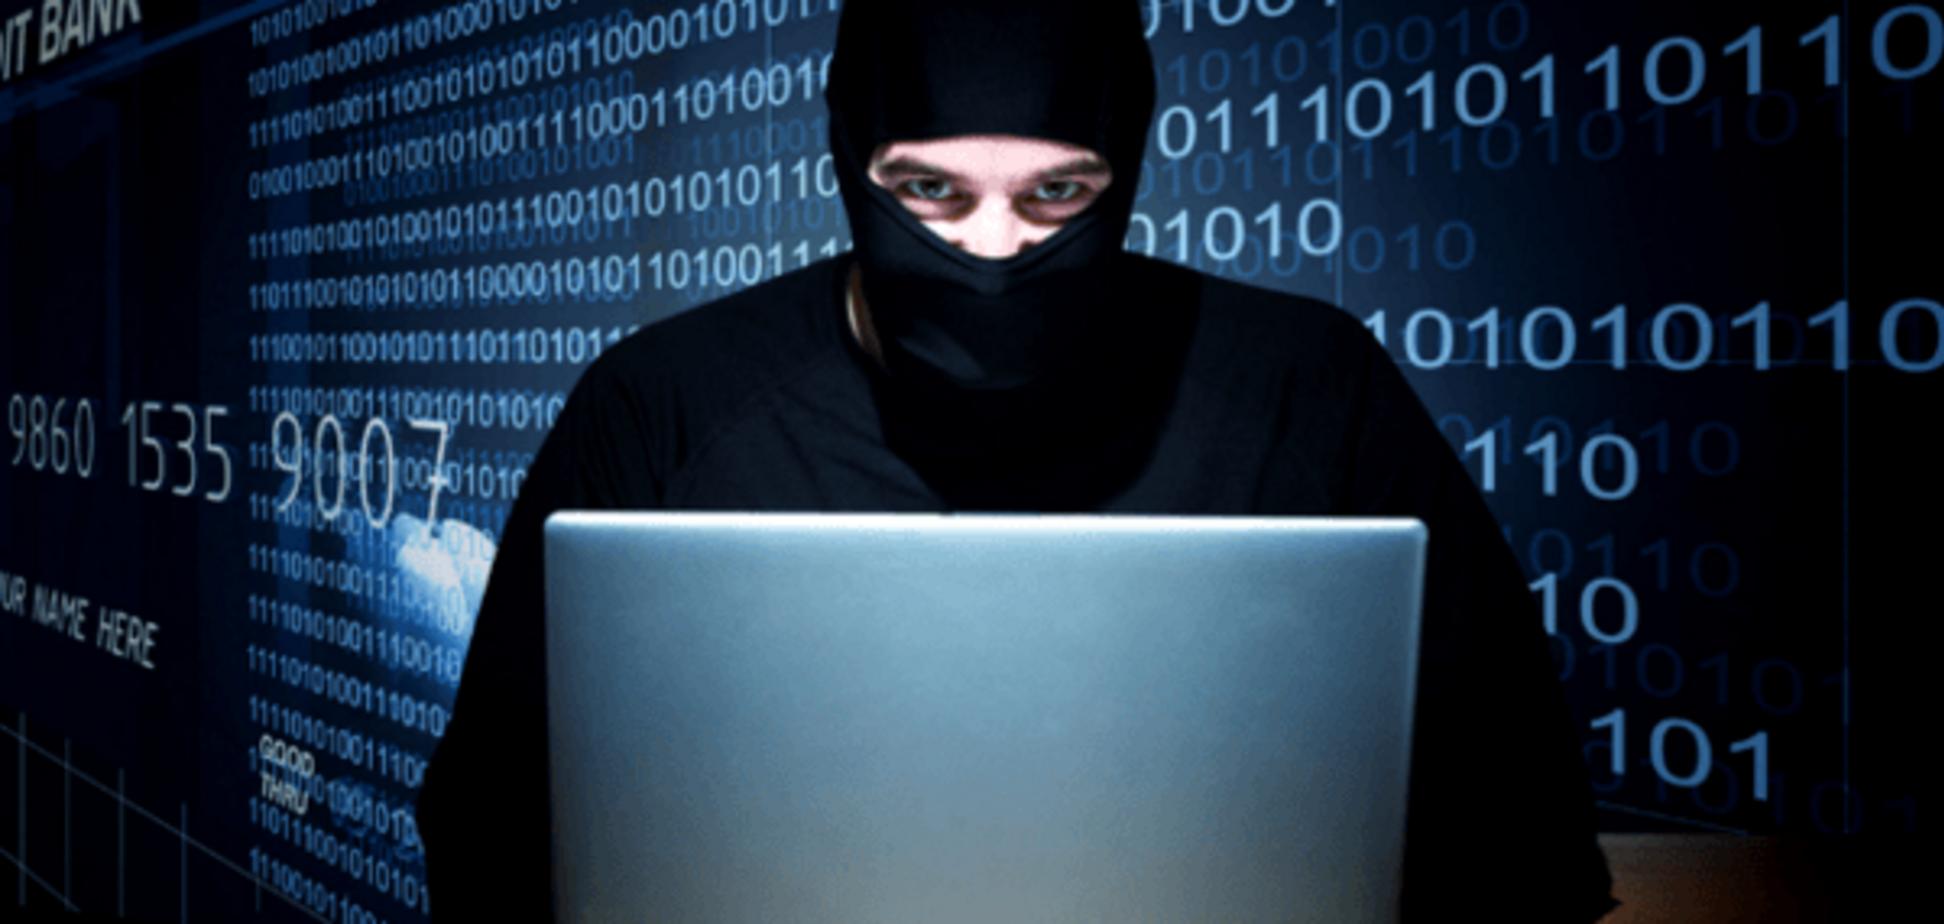 Помста за 'Миротворець': російські хакери виклали в мережу дані депутатів БПП